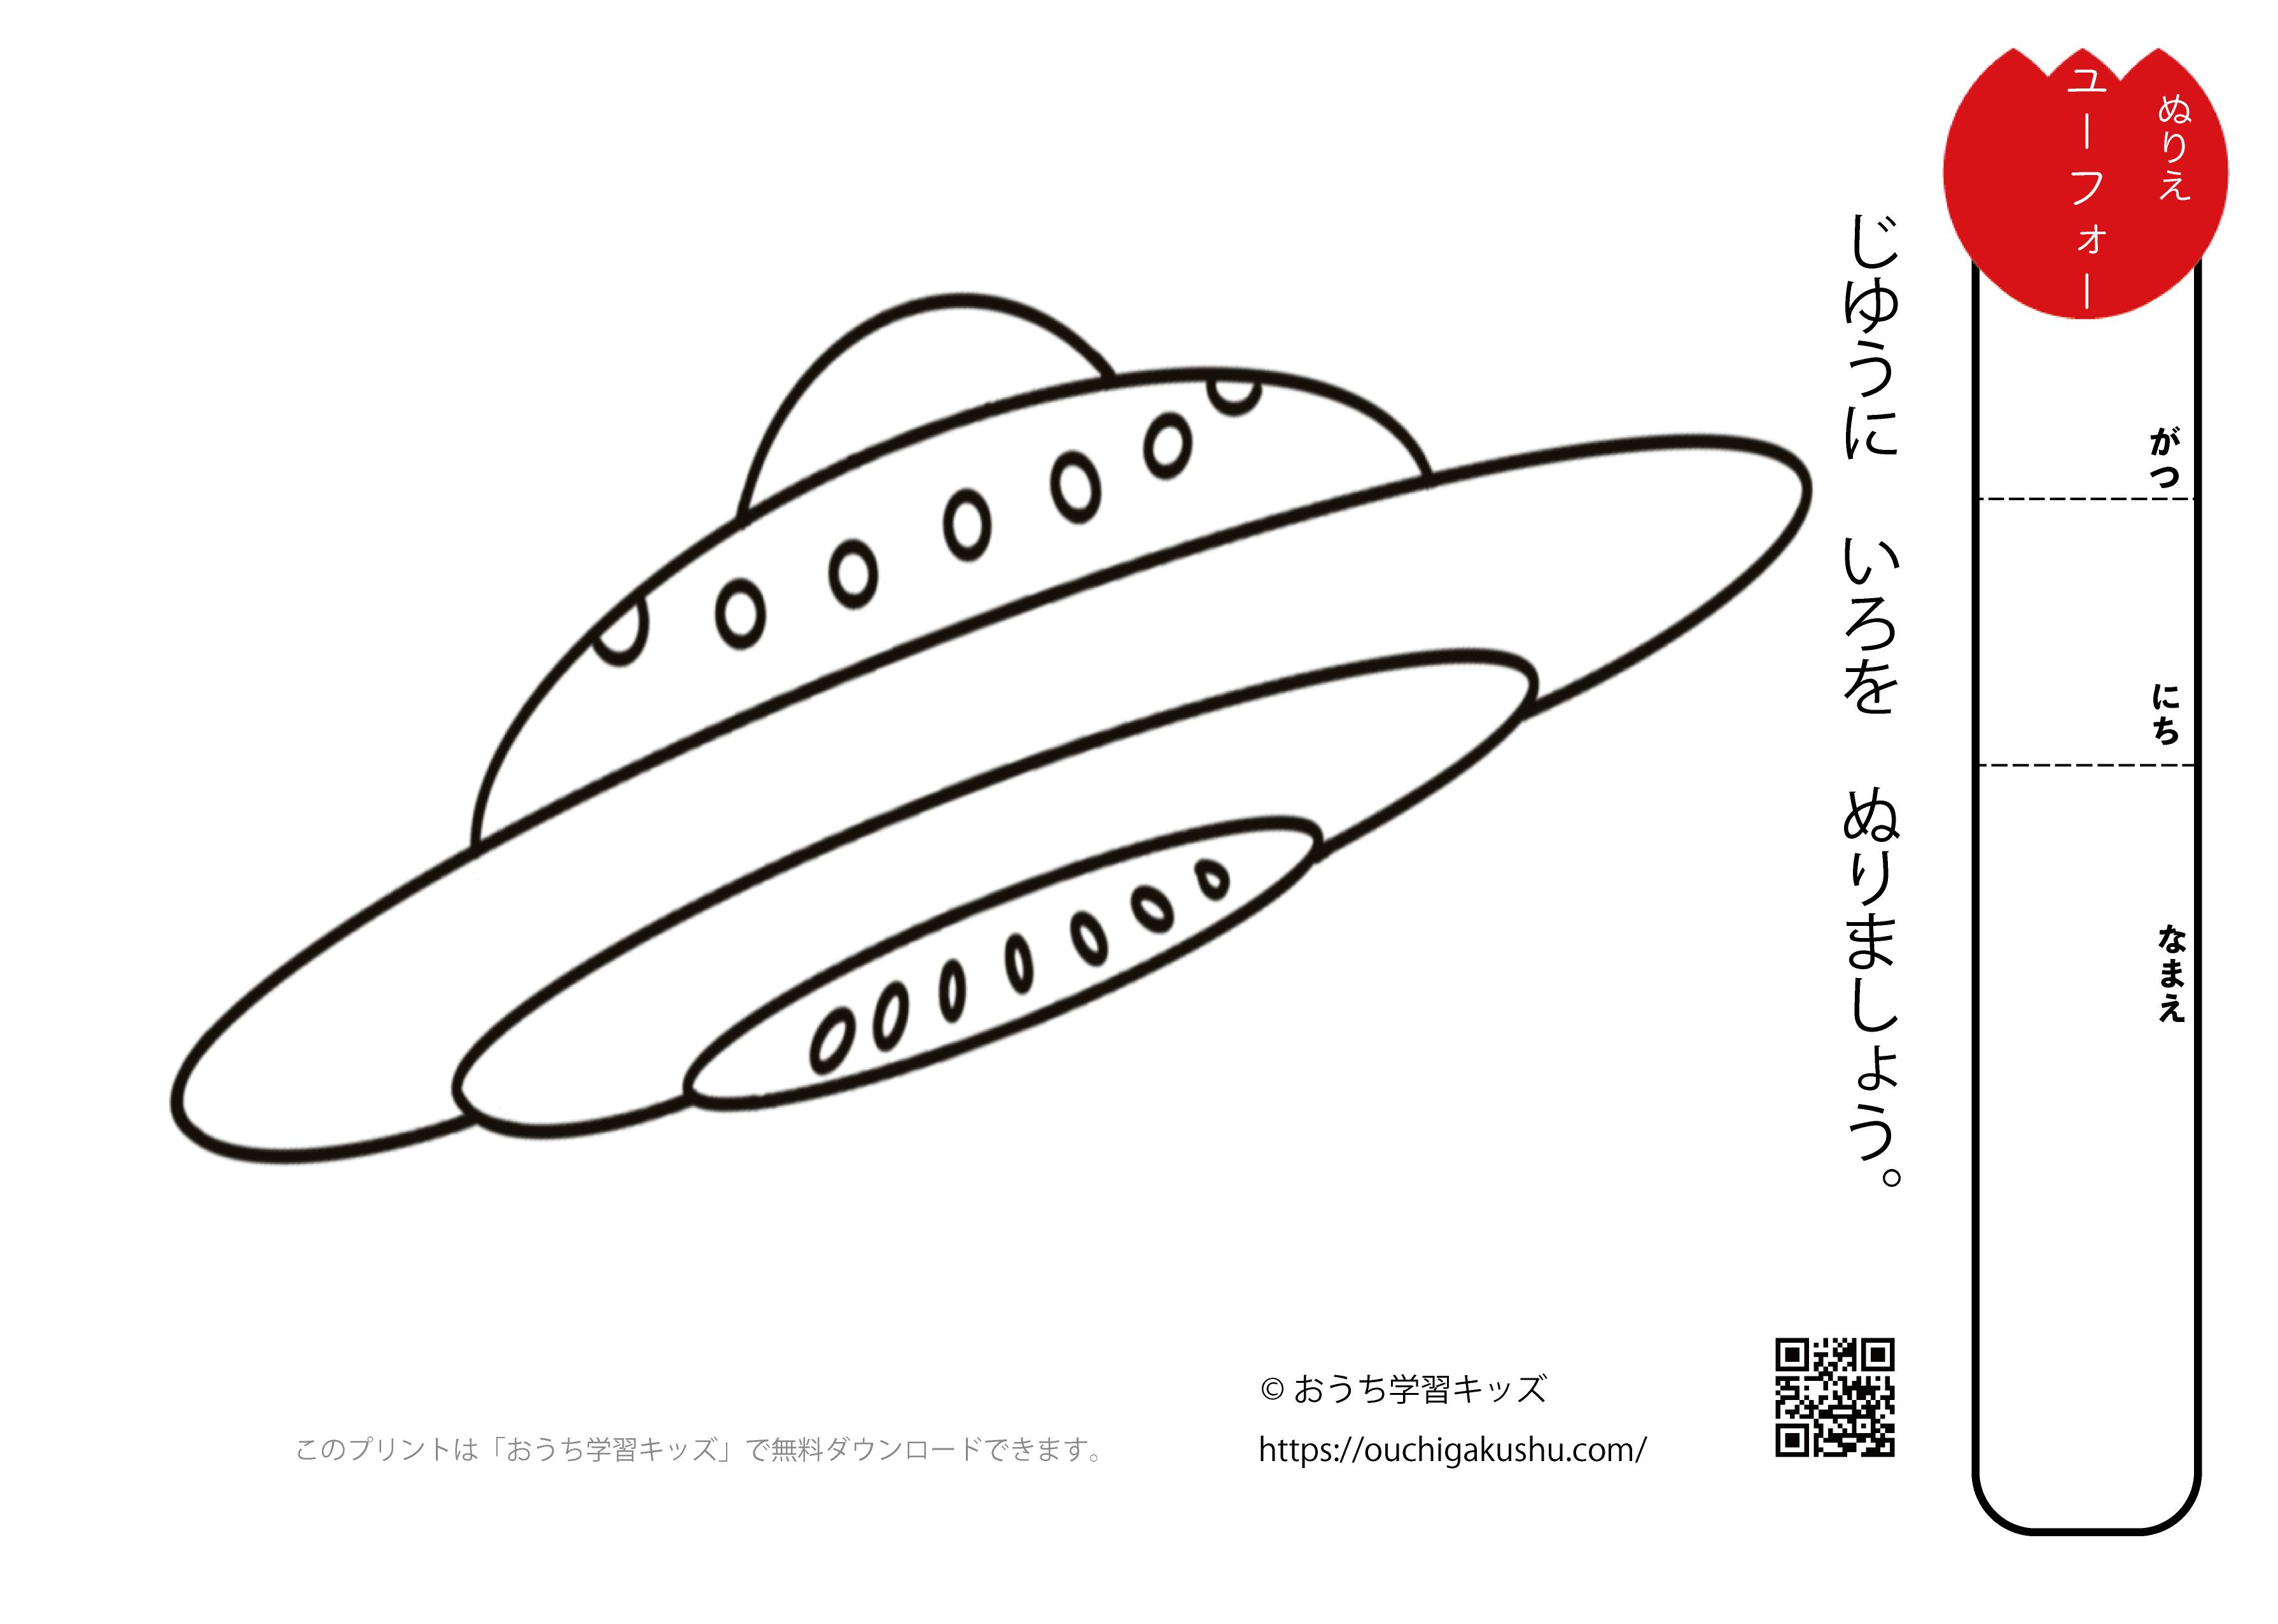 無料ぬりえプリント「UFO(ユーフォー)」